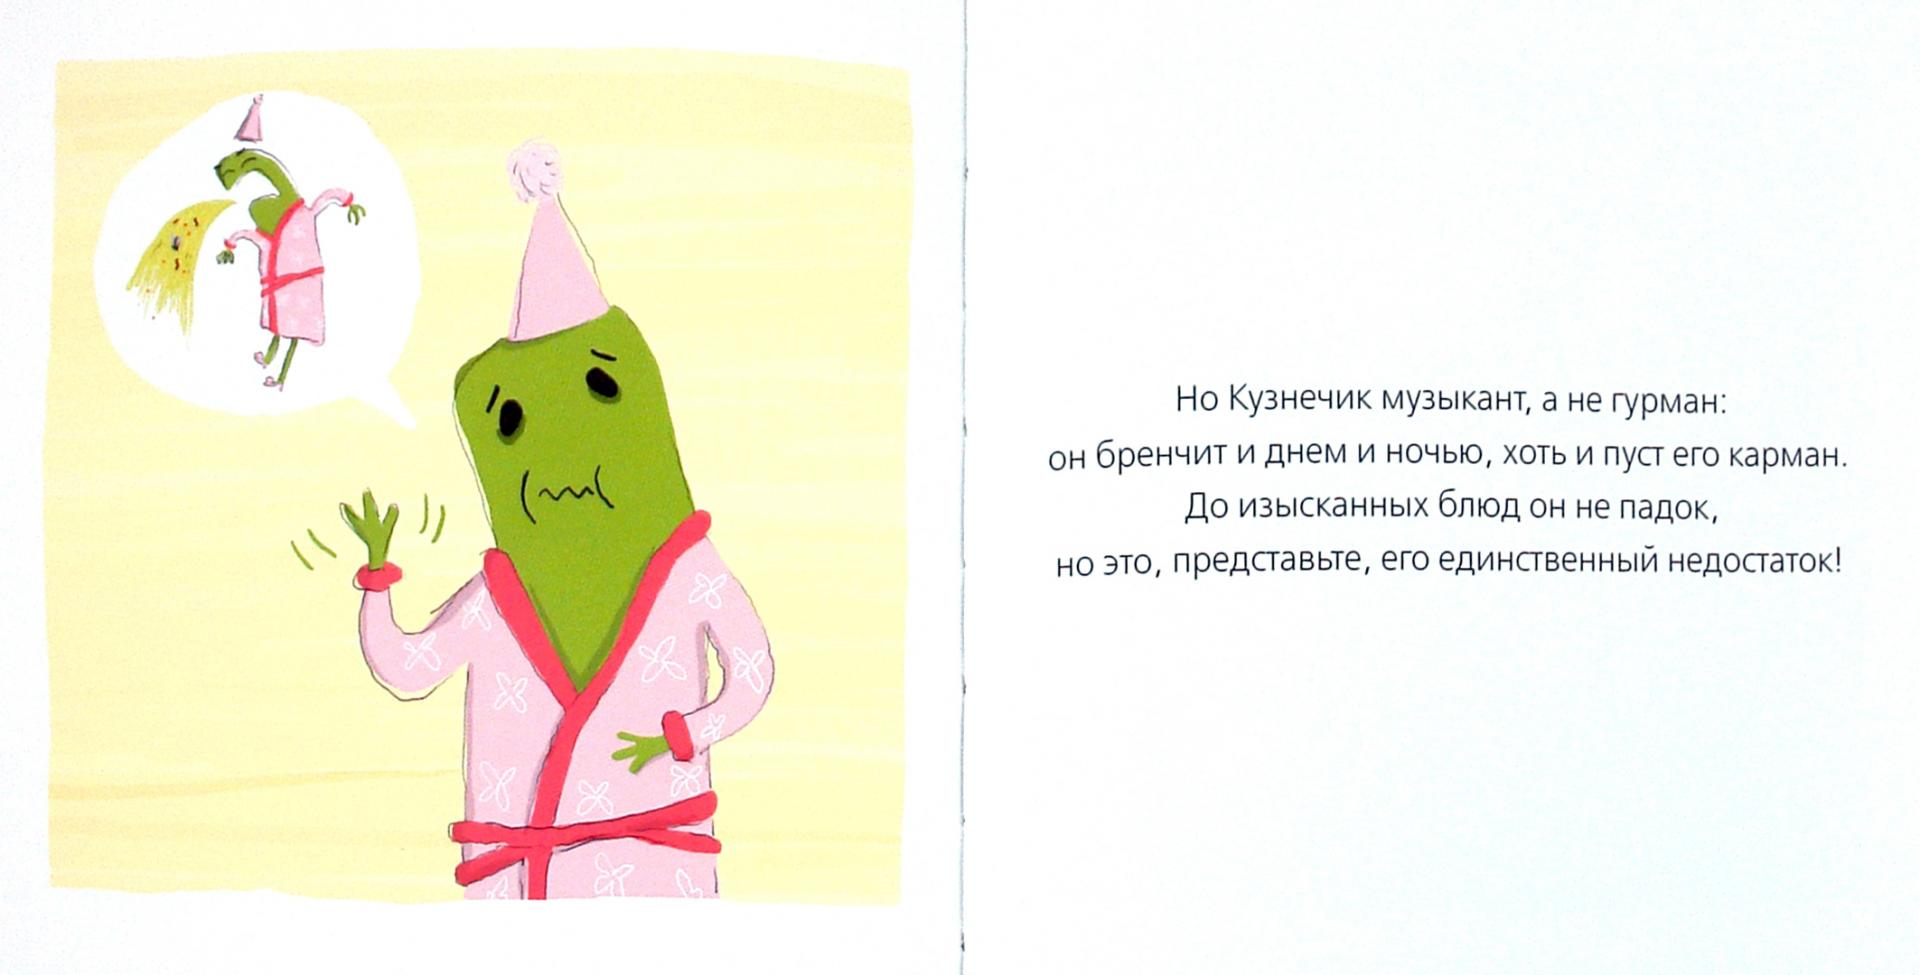 Иллюстрация 1 из 4 для Муравьиха и кузнечик - Франсуаза Саган | Лабиринт - книги. Источник: Лабиринт